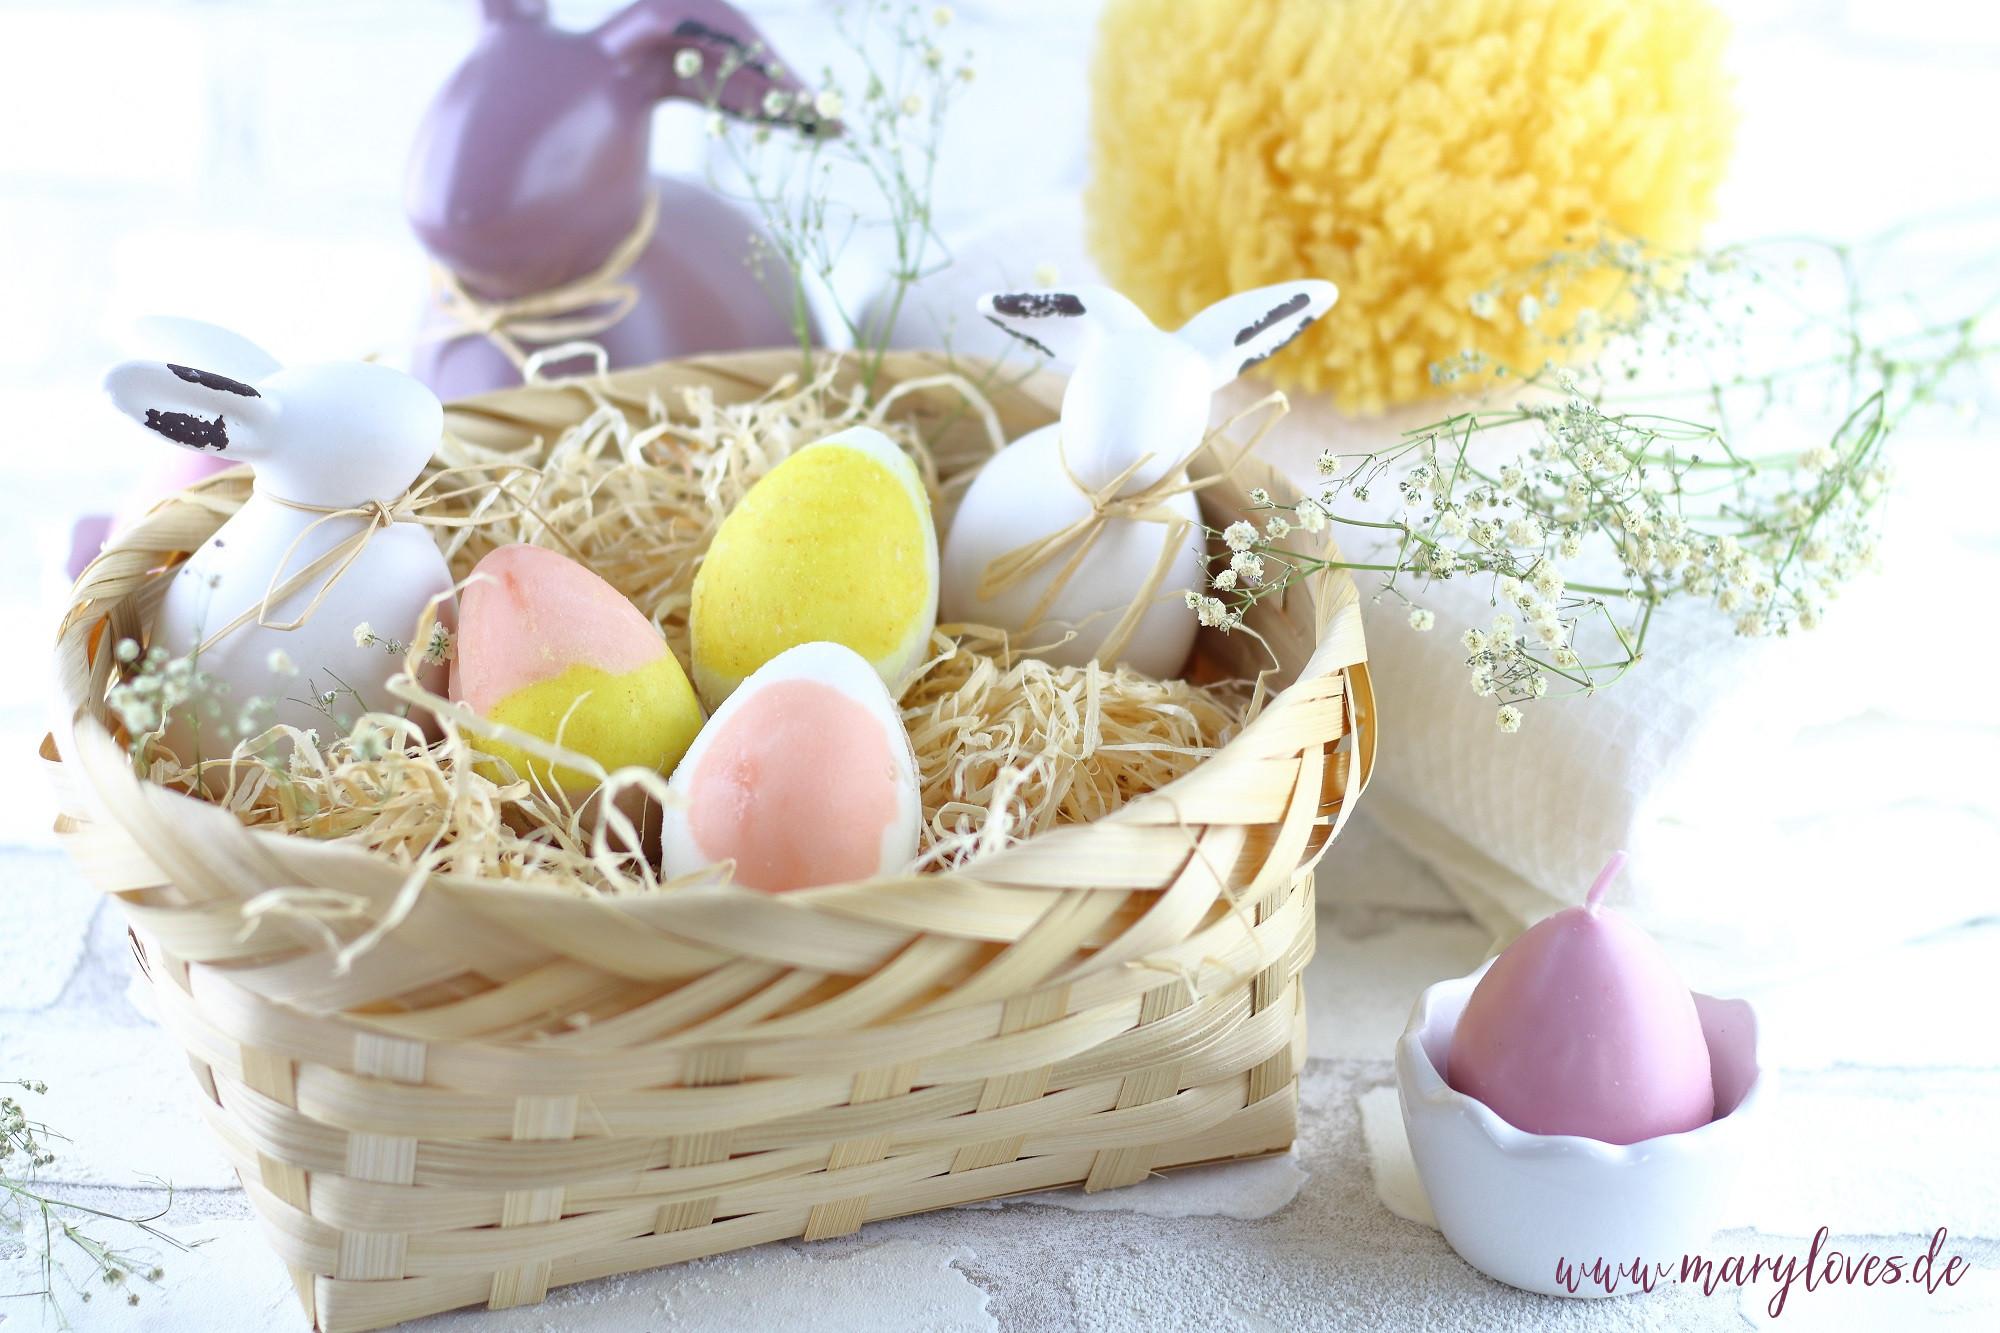 Bunte Ostereier-Badebomben als selbstgemachtes Ostergeschenk - Mary loves